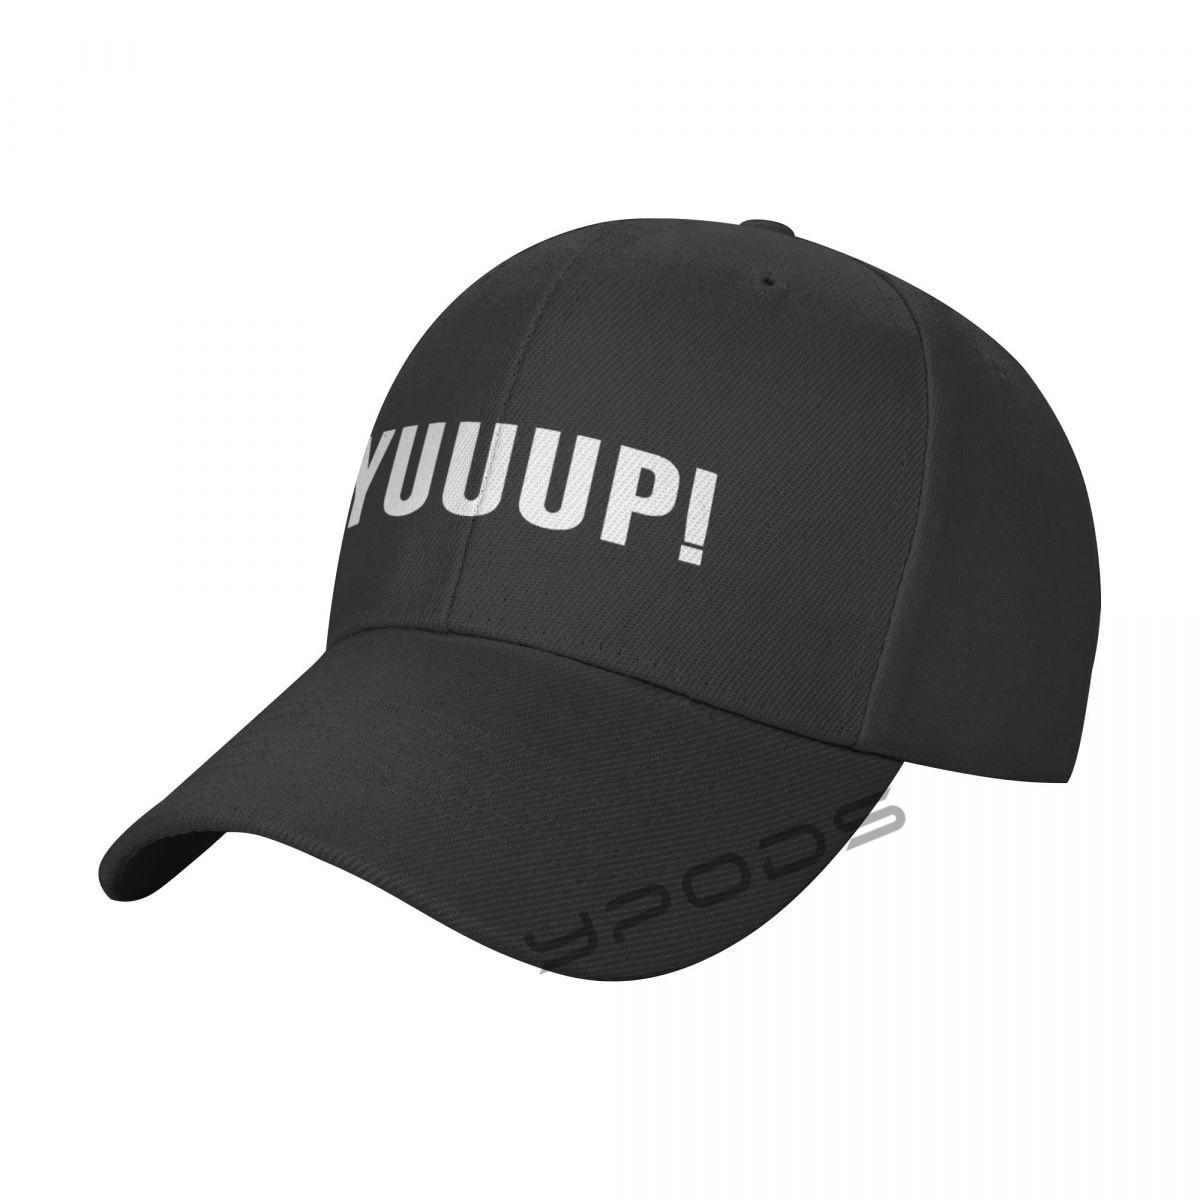 Новинка, бейсболка YUUUP для мужчин и женщин, мужская Кепка, Снэпбэк Кепка, повседневная Кепка, кепка, шапки